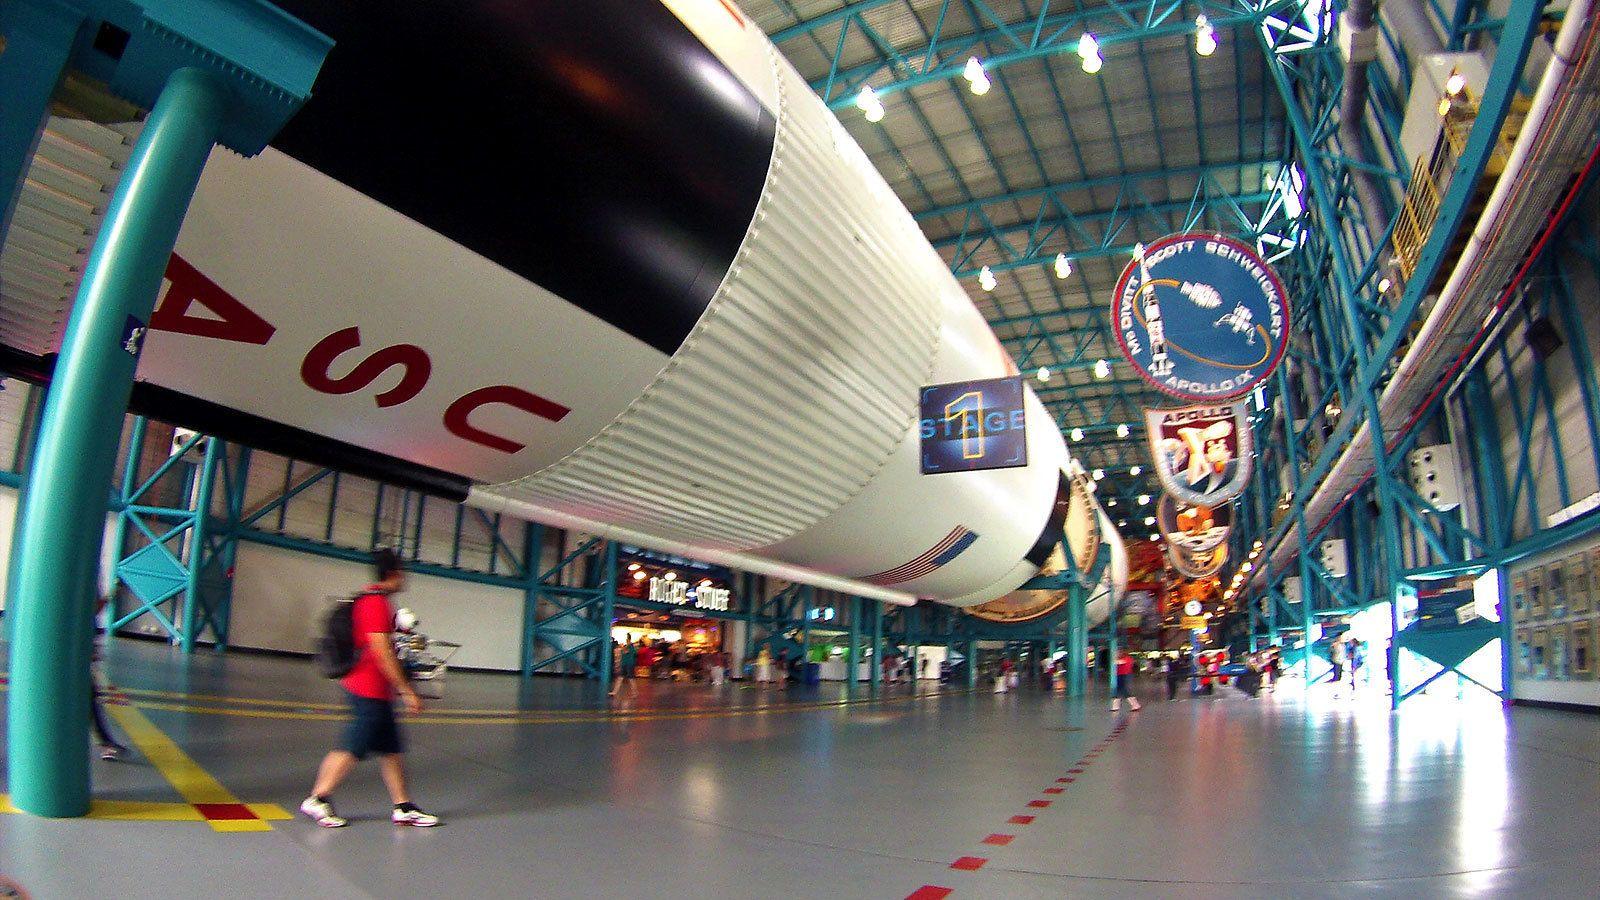 rocket replica at the center in Miami